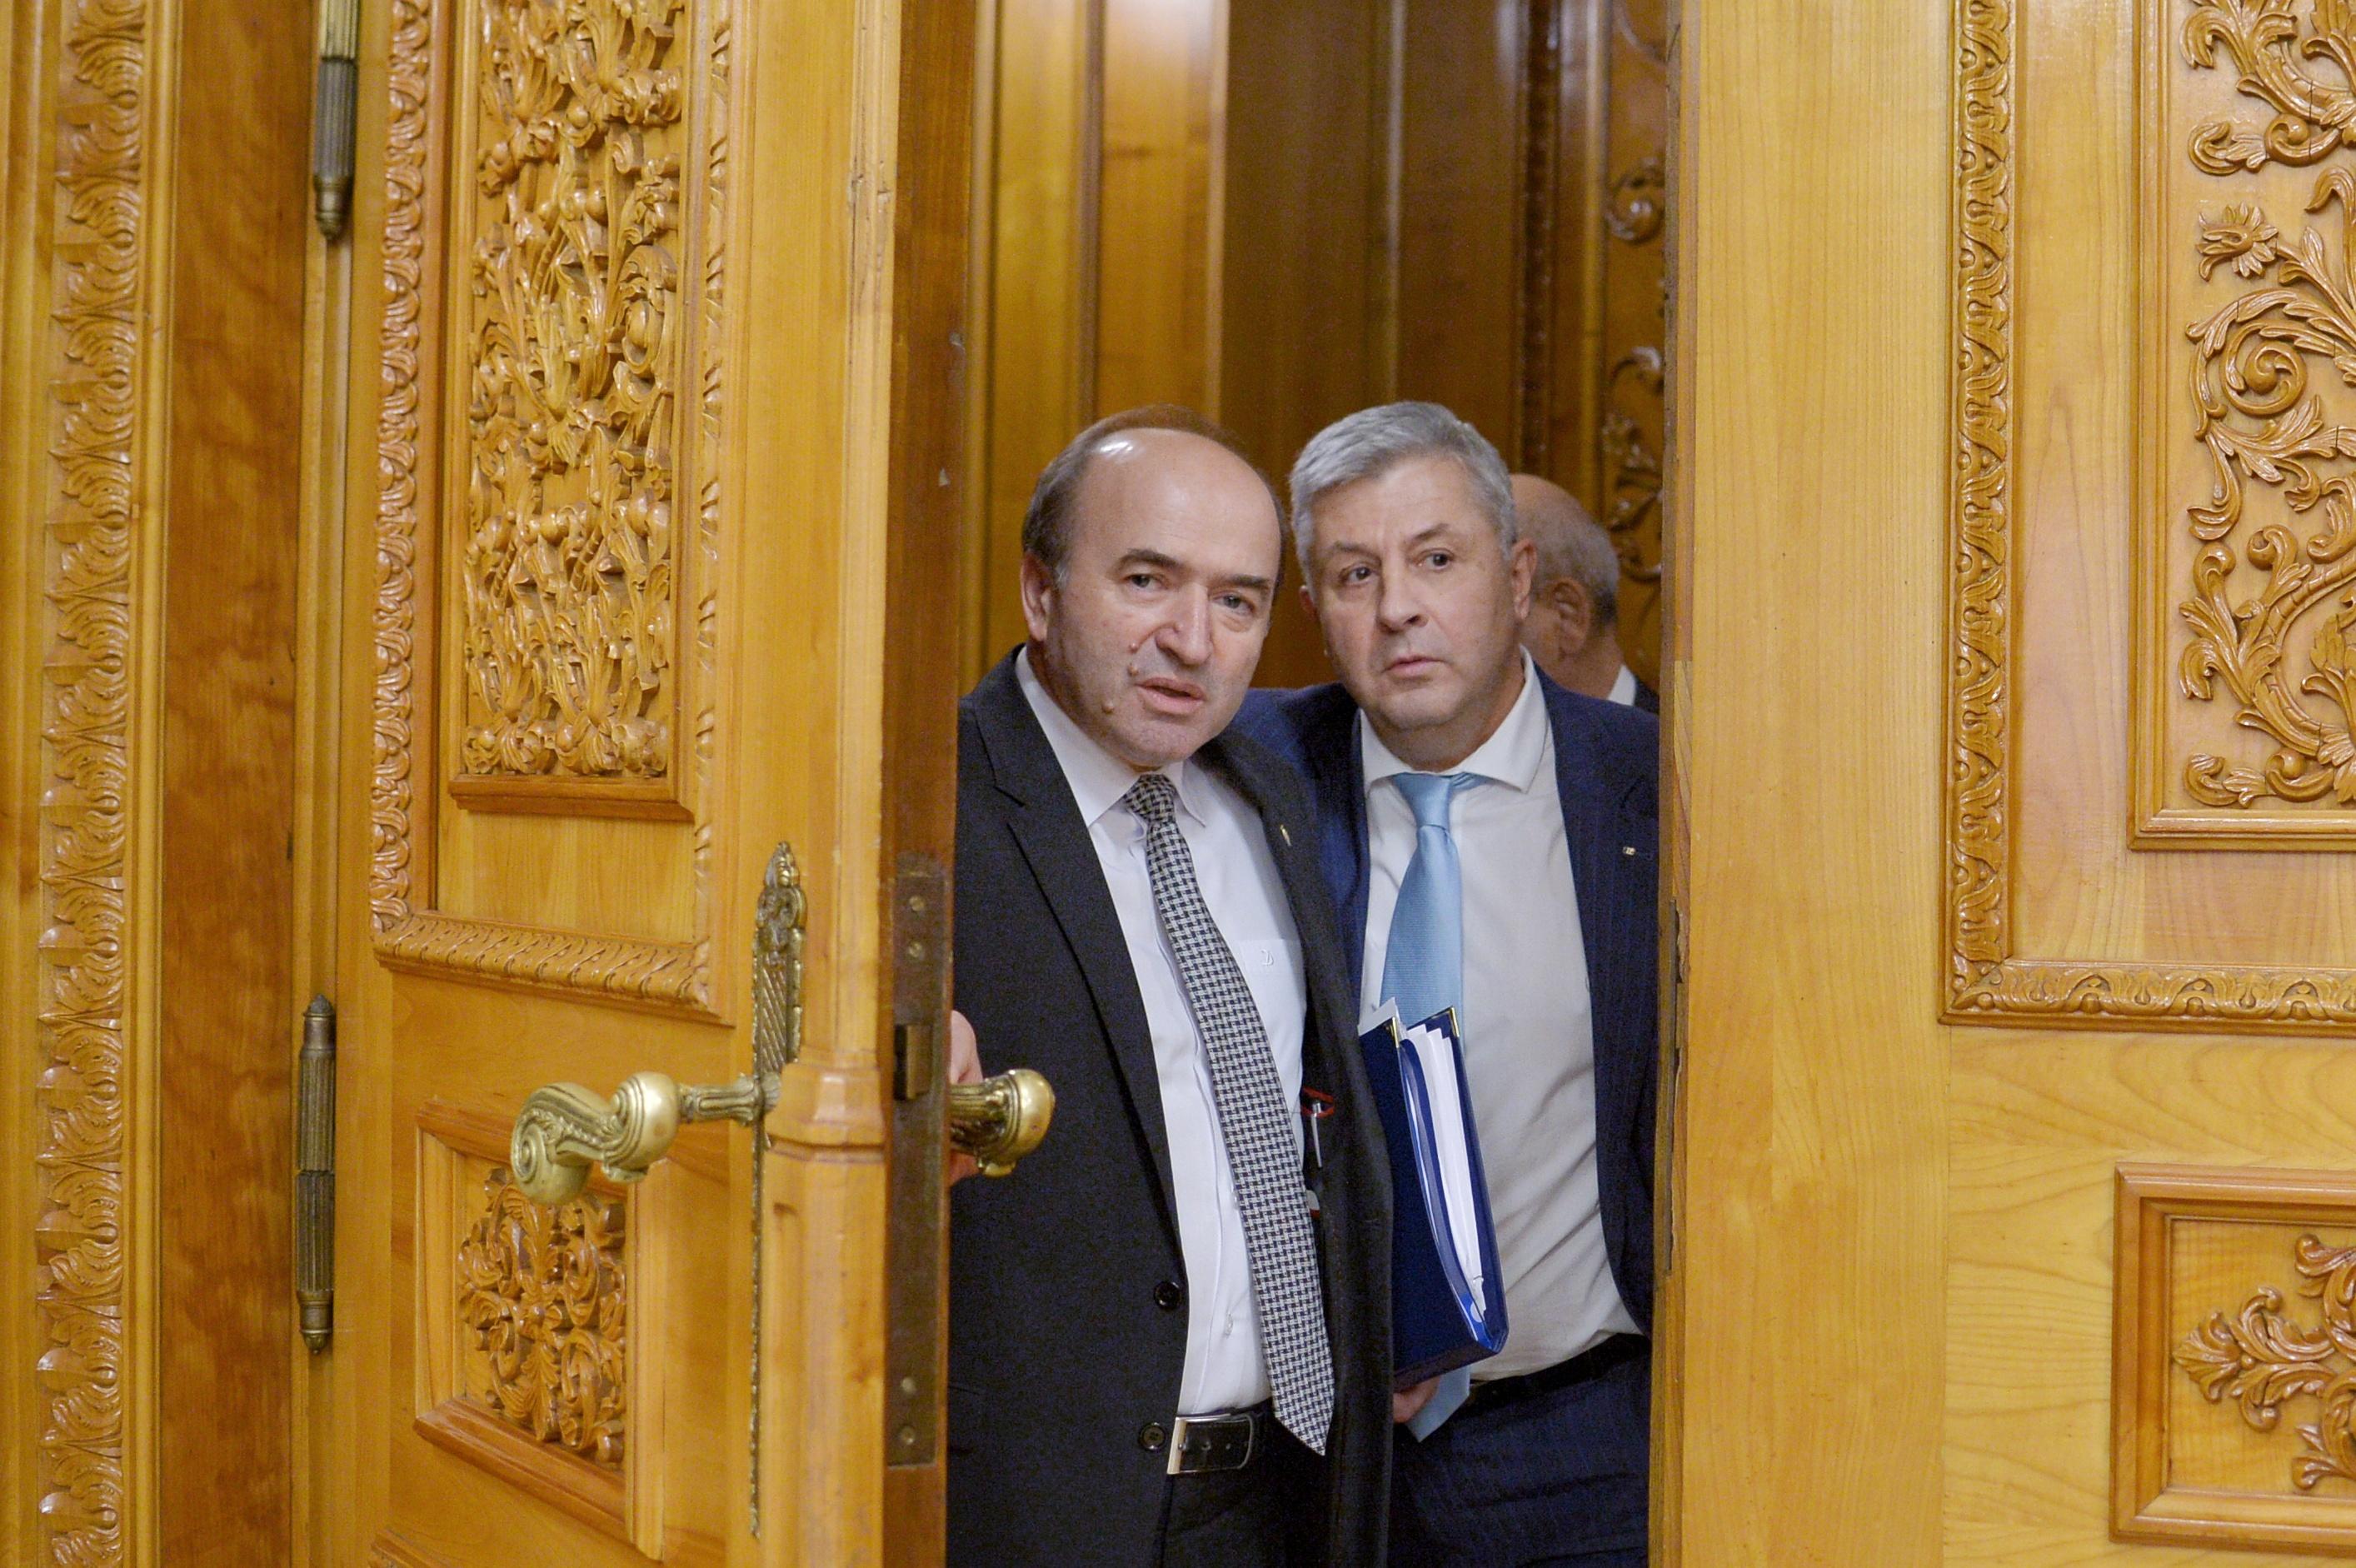 Legile Justiţiei: Comisia condusă de Iordache a început discuţiile privind modificarea Codurilor penale/ Toader: Guvernul va emite OUG pentru transpunerea Directivei, dacă Parlamentul nu o face